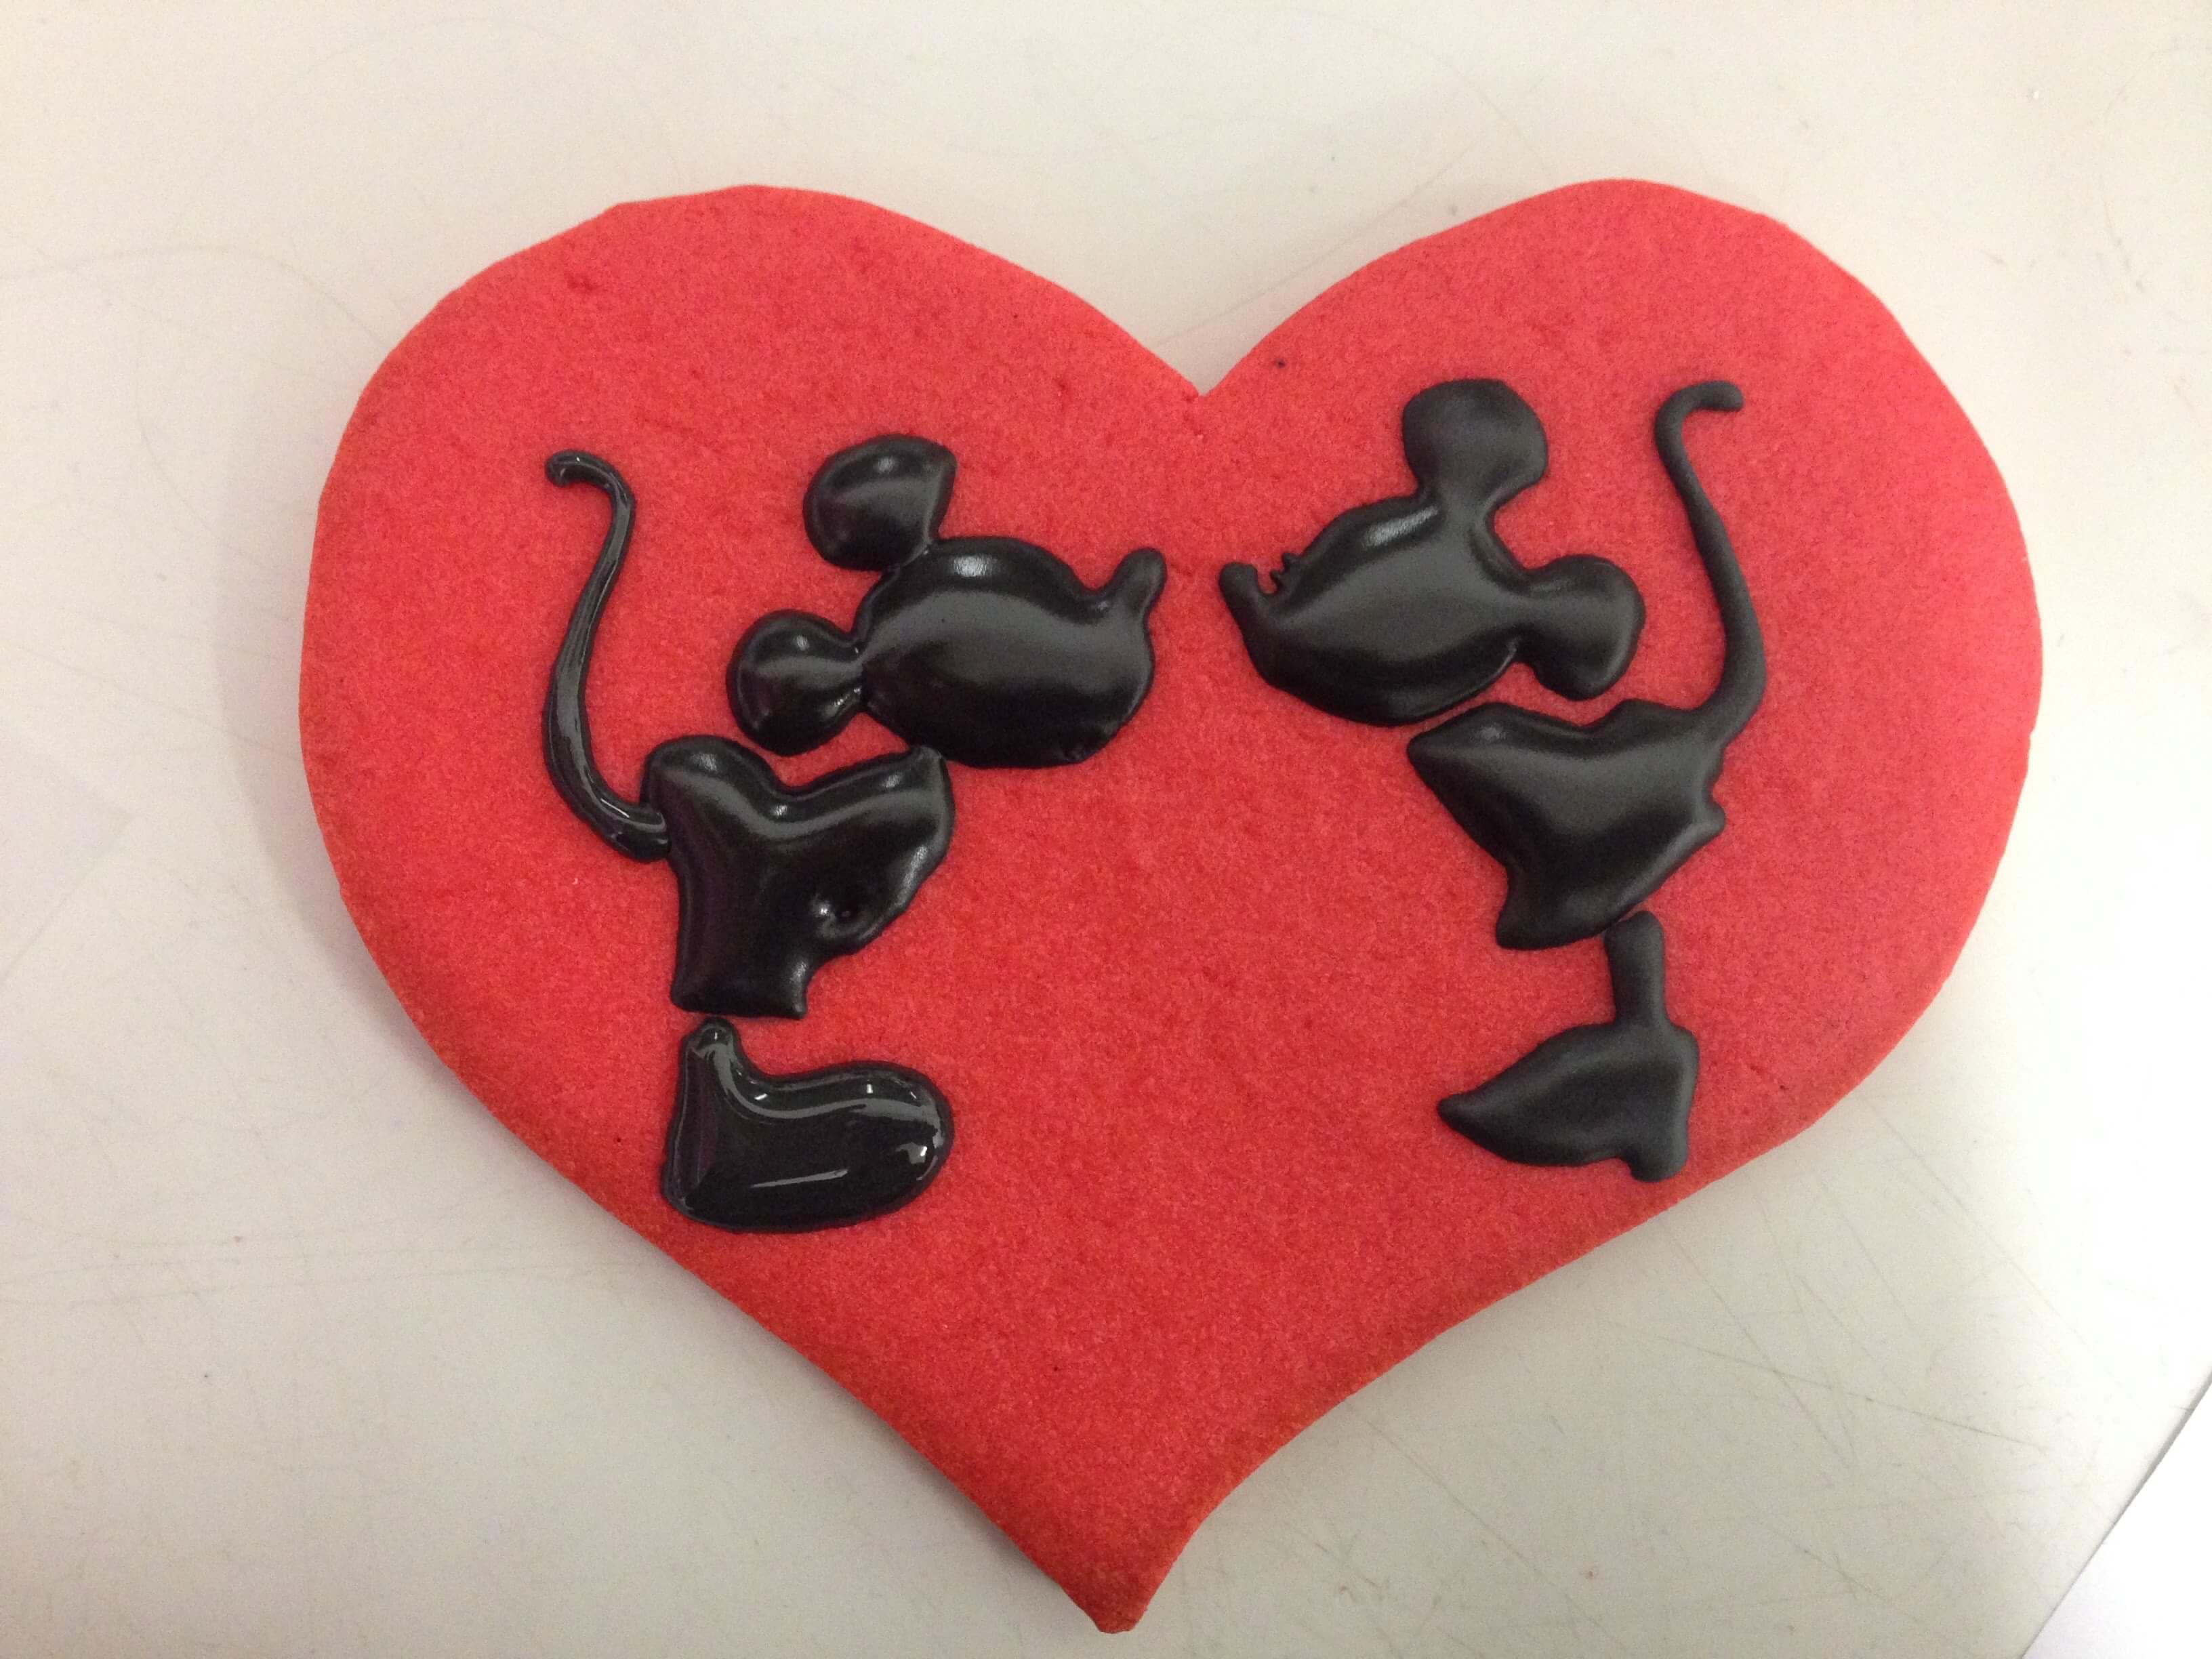 Galletas personalizadas Mickely y minnie corazón coruña